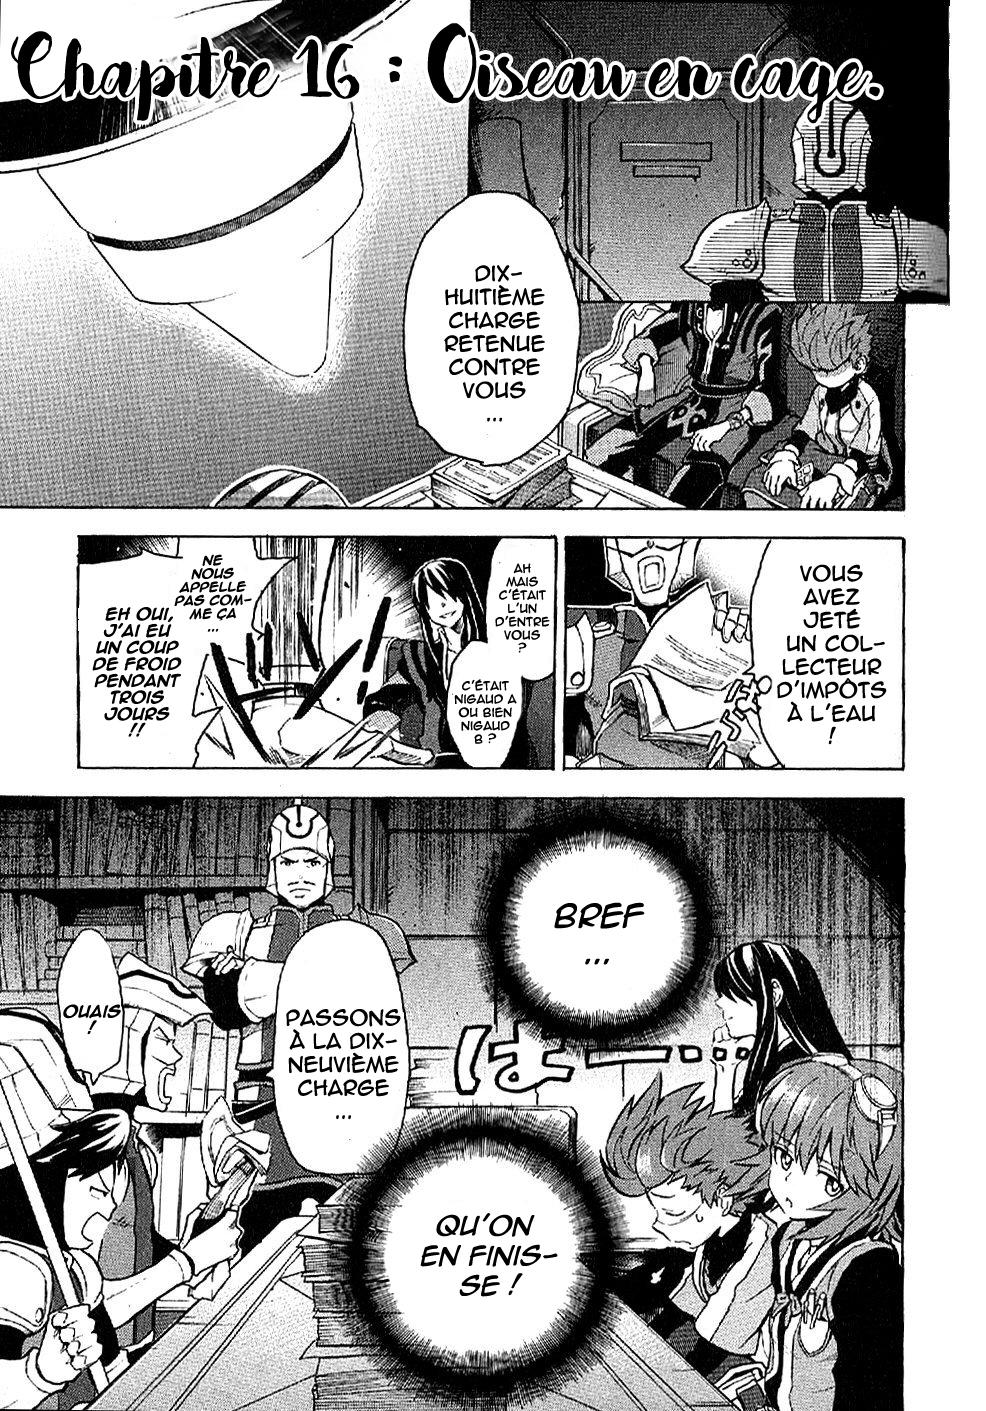 https://nine.mangadogs.com/fr_manga/pic1/6/2054/74677/TalesofVesperia16VF_0_433.jpg Page 1